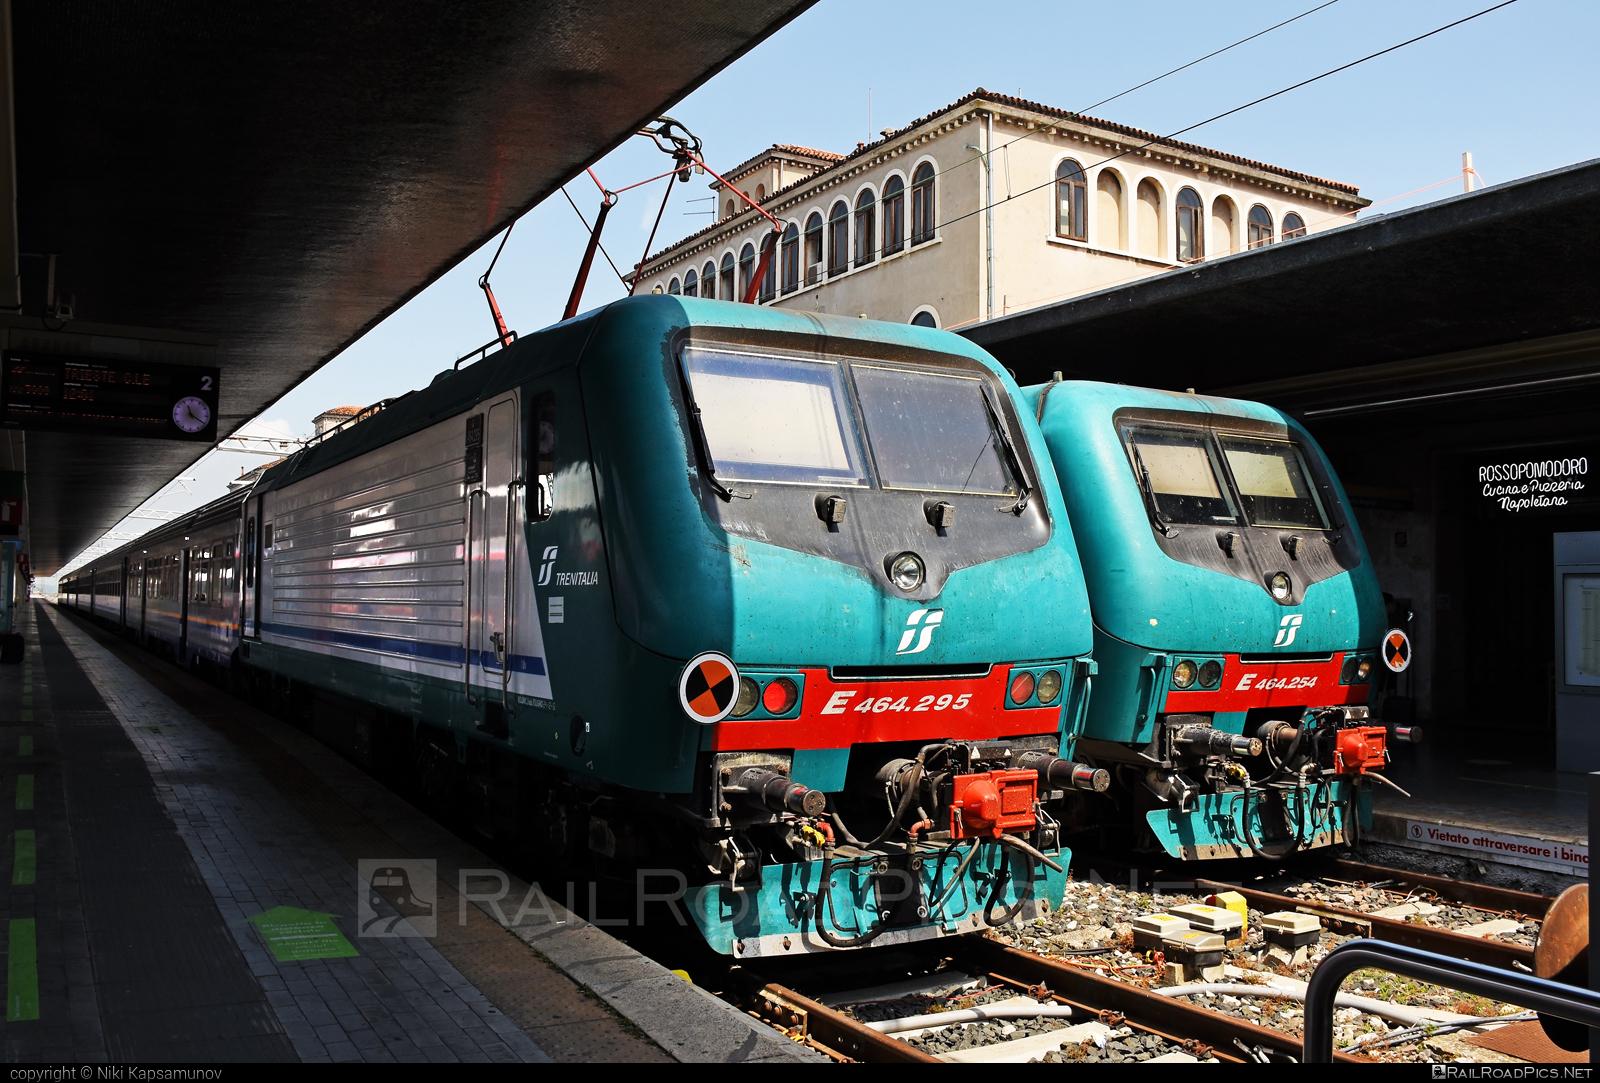 Bombardier TRAXX P160 DCP - E 464.295 operated by Trenitalia S.p.A. #bombardier #bombardiertraxx #ferroviedellostato #fs #fsitaliane #lavatrice #traxx #traxxp160 #traxxp160dcp #trenitalia #trenitaliaspa